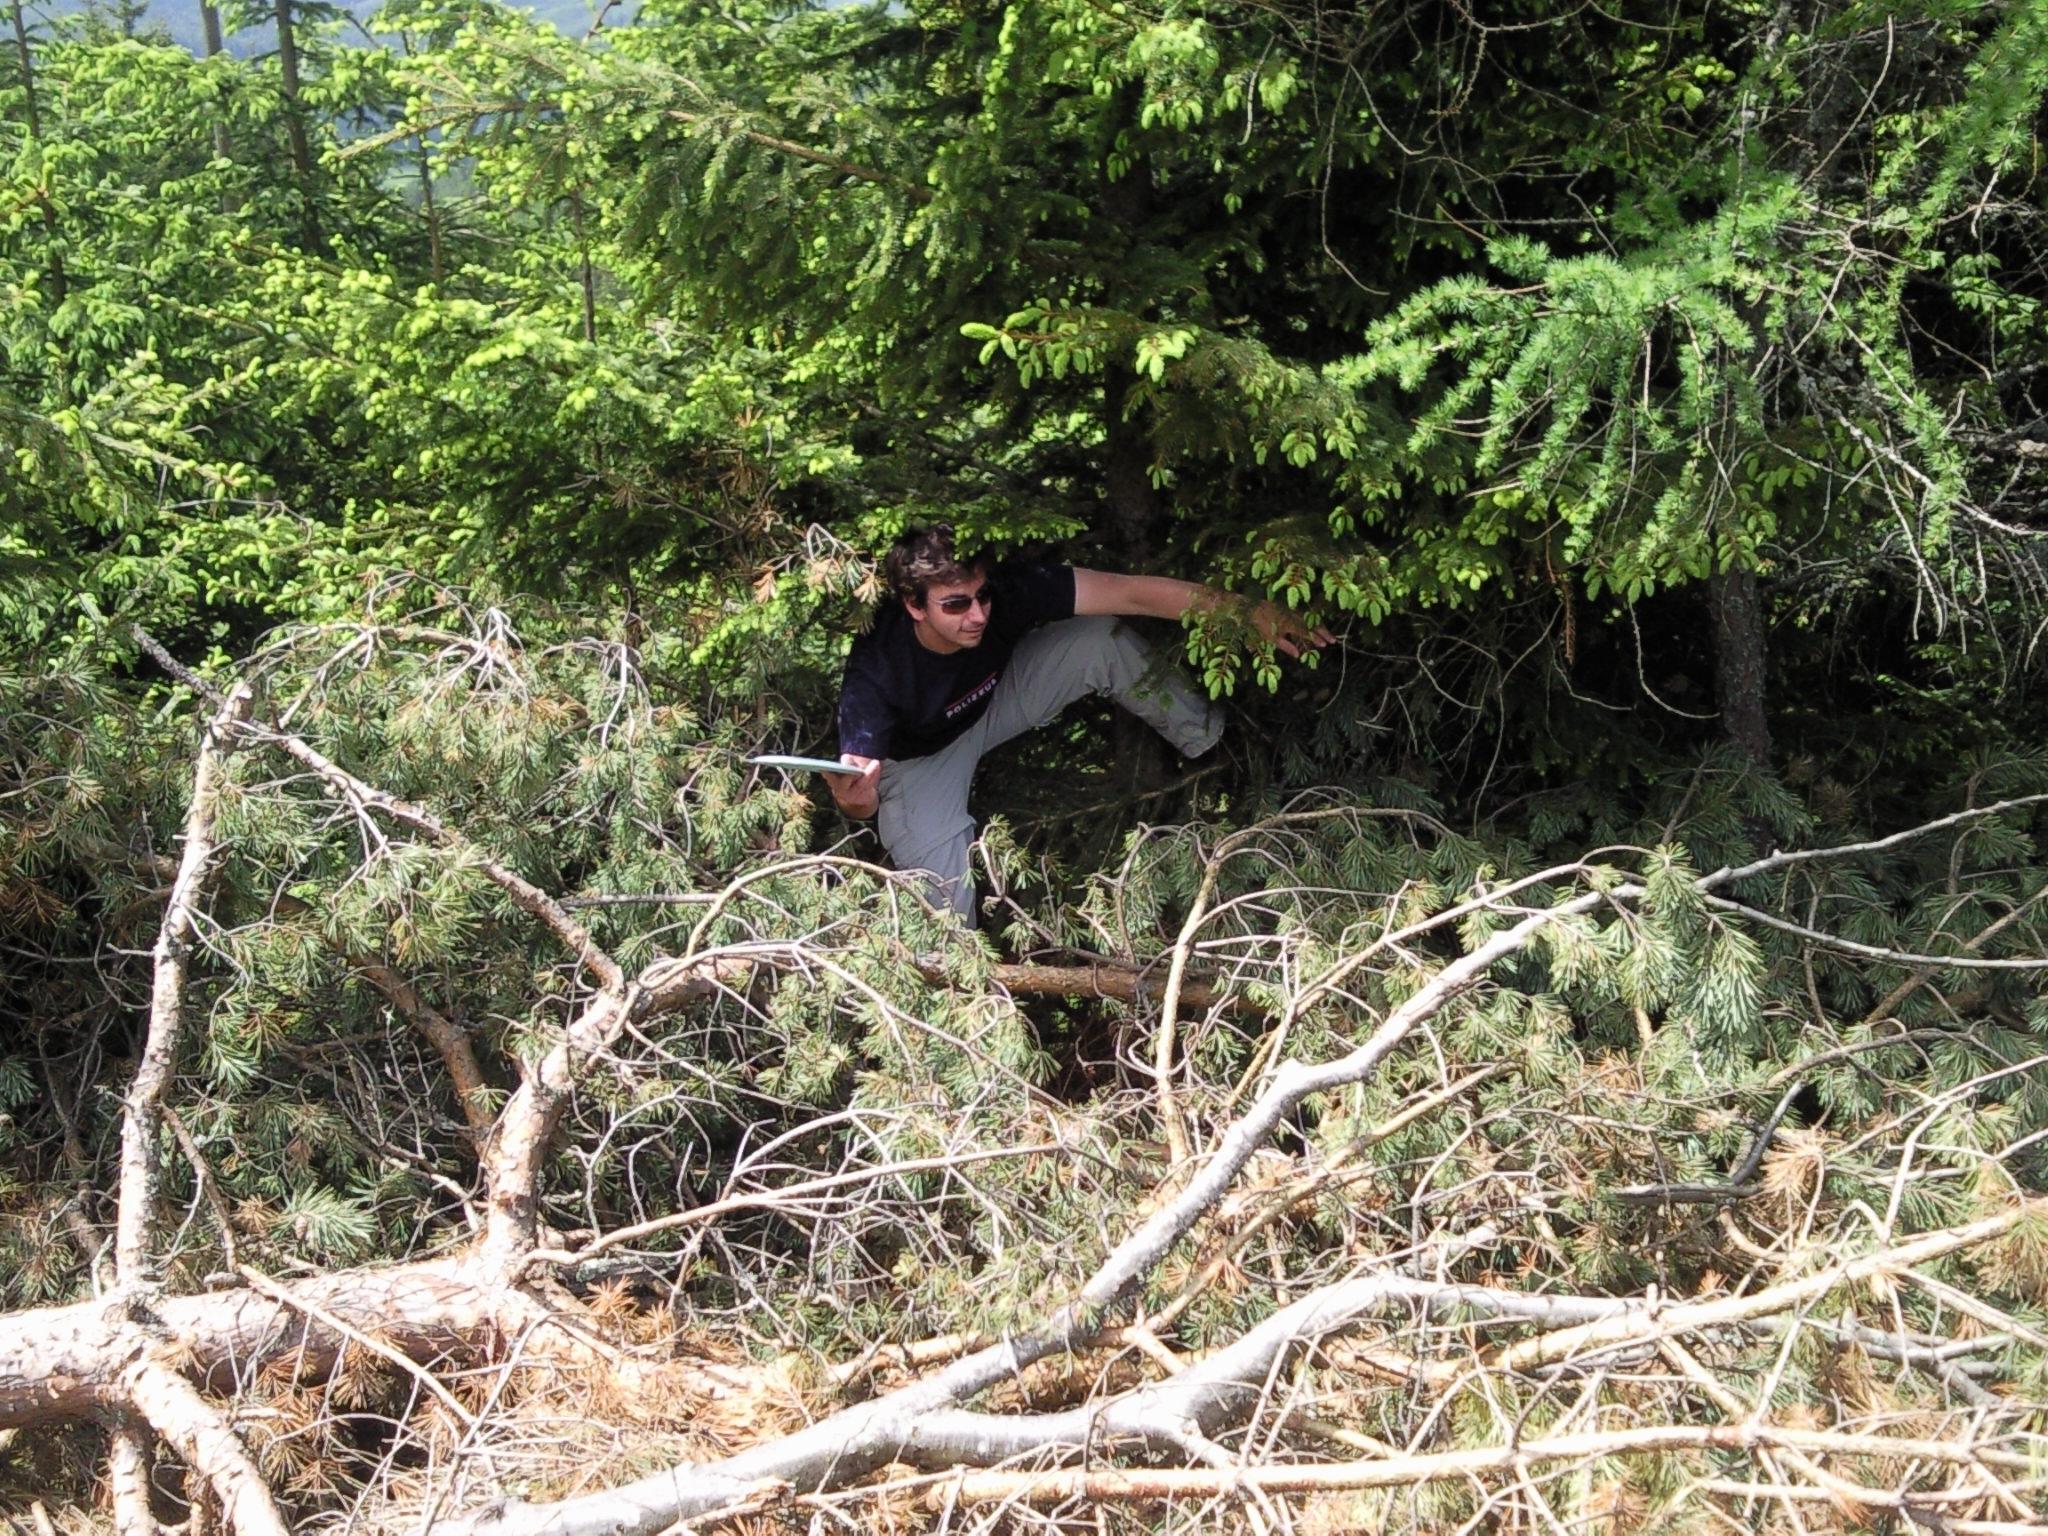 und schon wieder ist da etwas im Busch